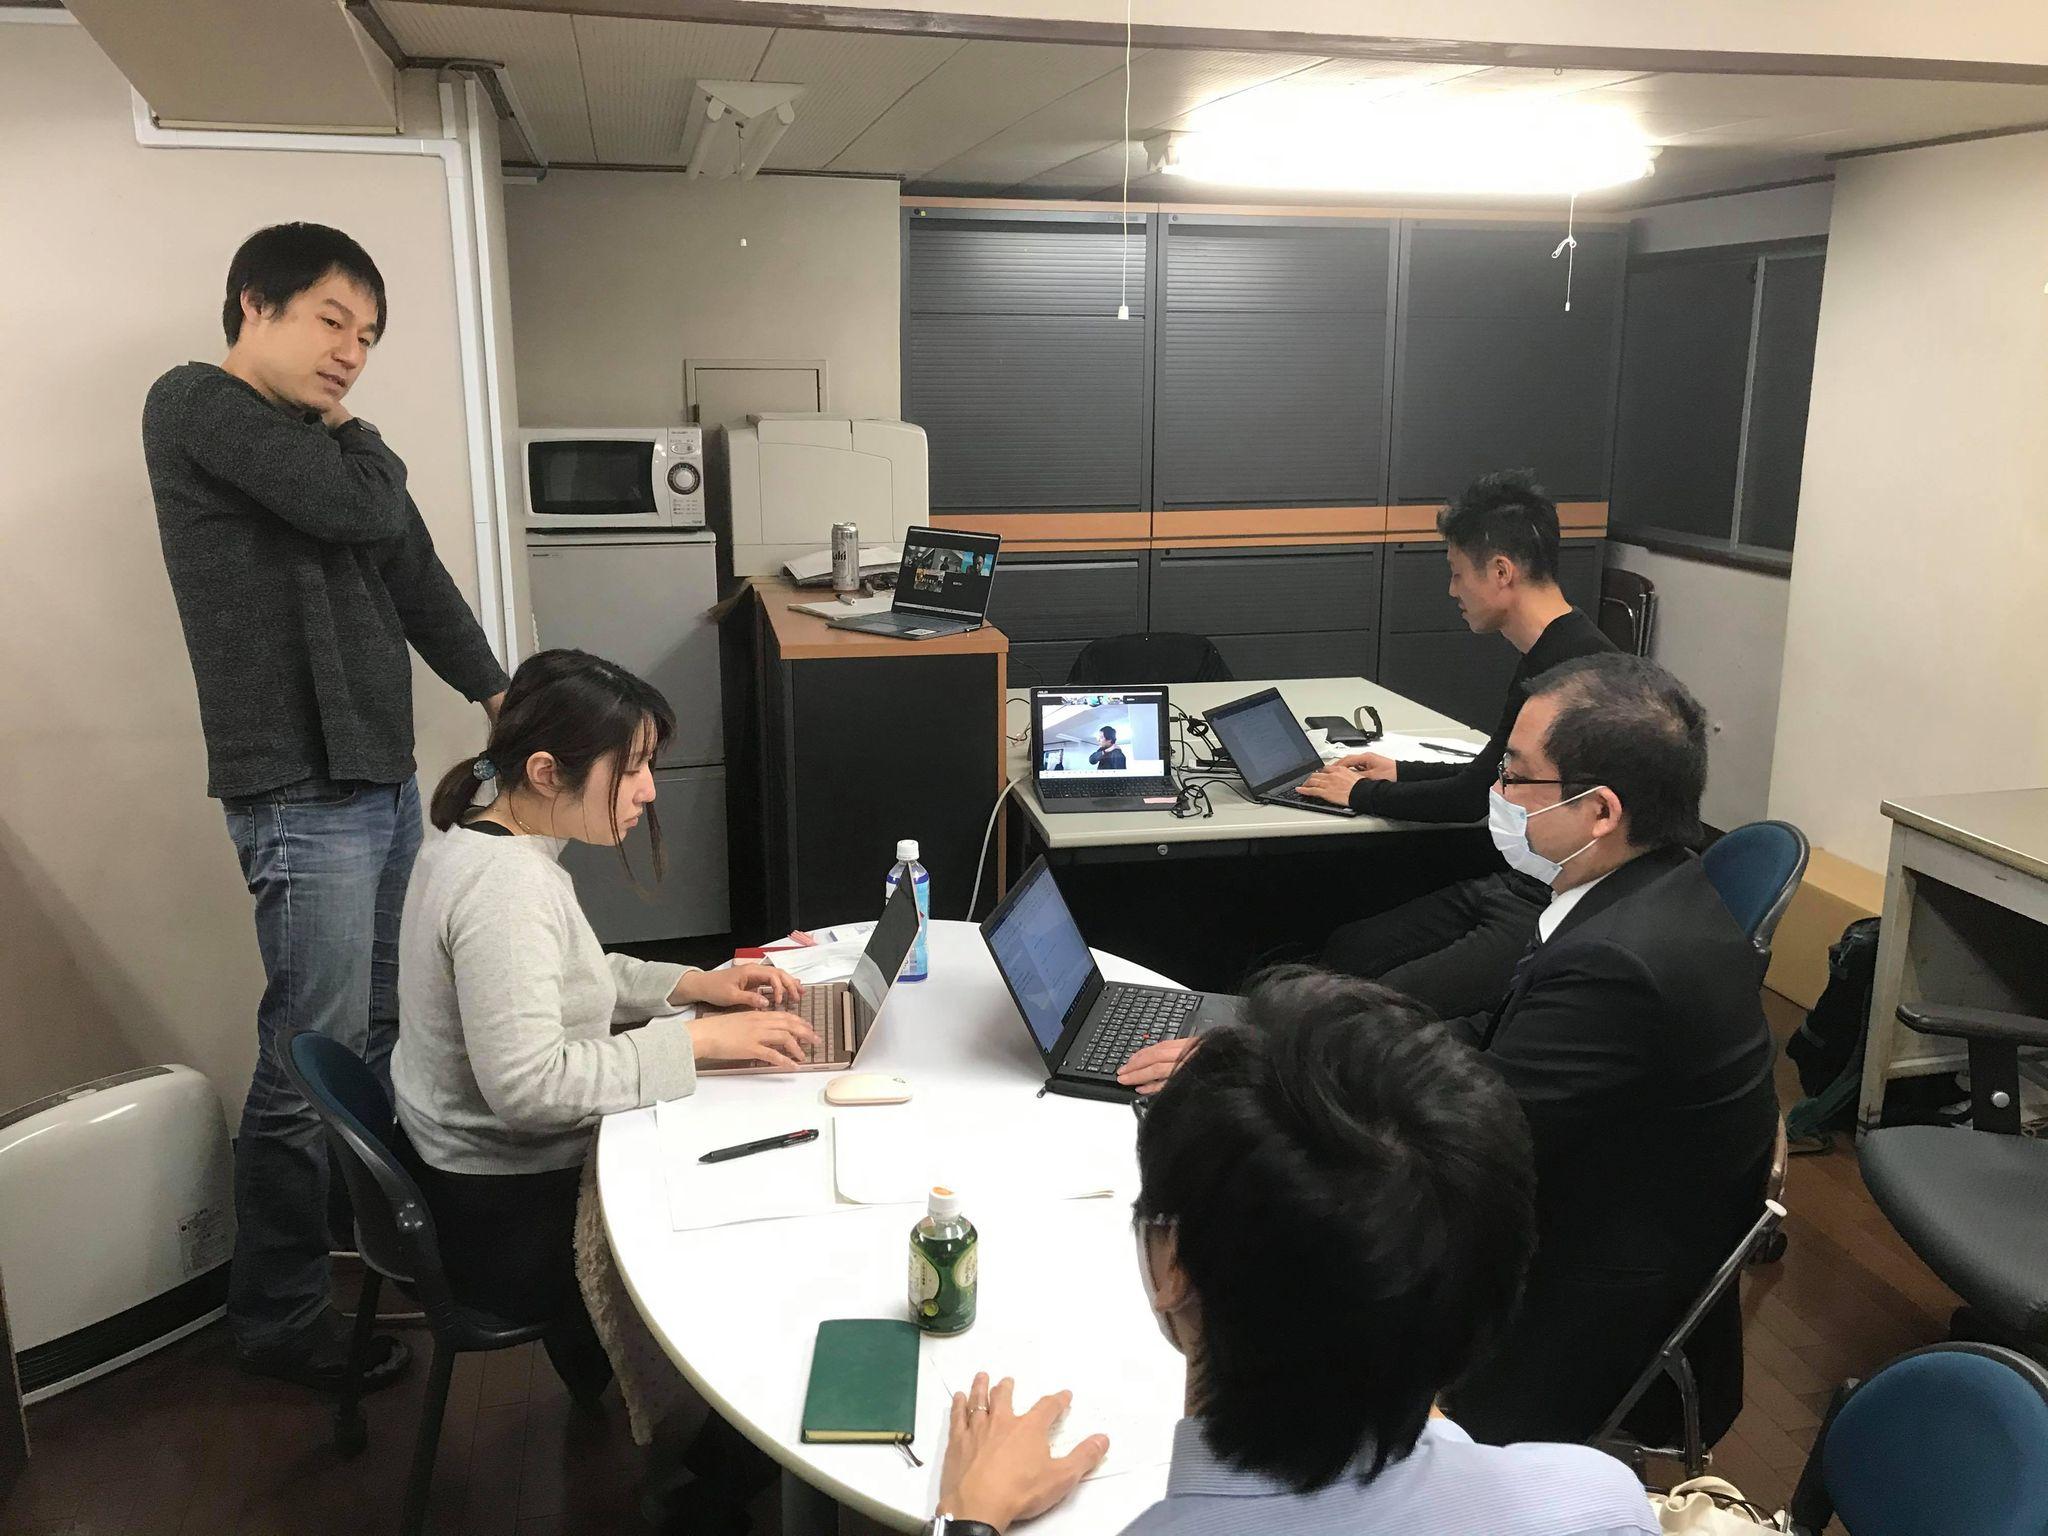 3月15日(月) 17:00~ 【NKCS士業向け】営業・チーム構築勉強会 Vol.1を開催しました